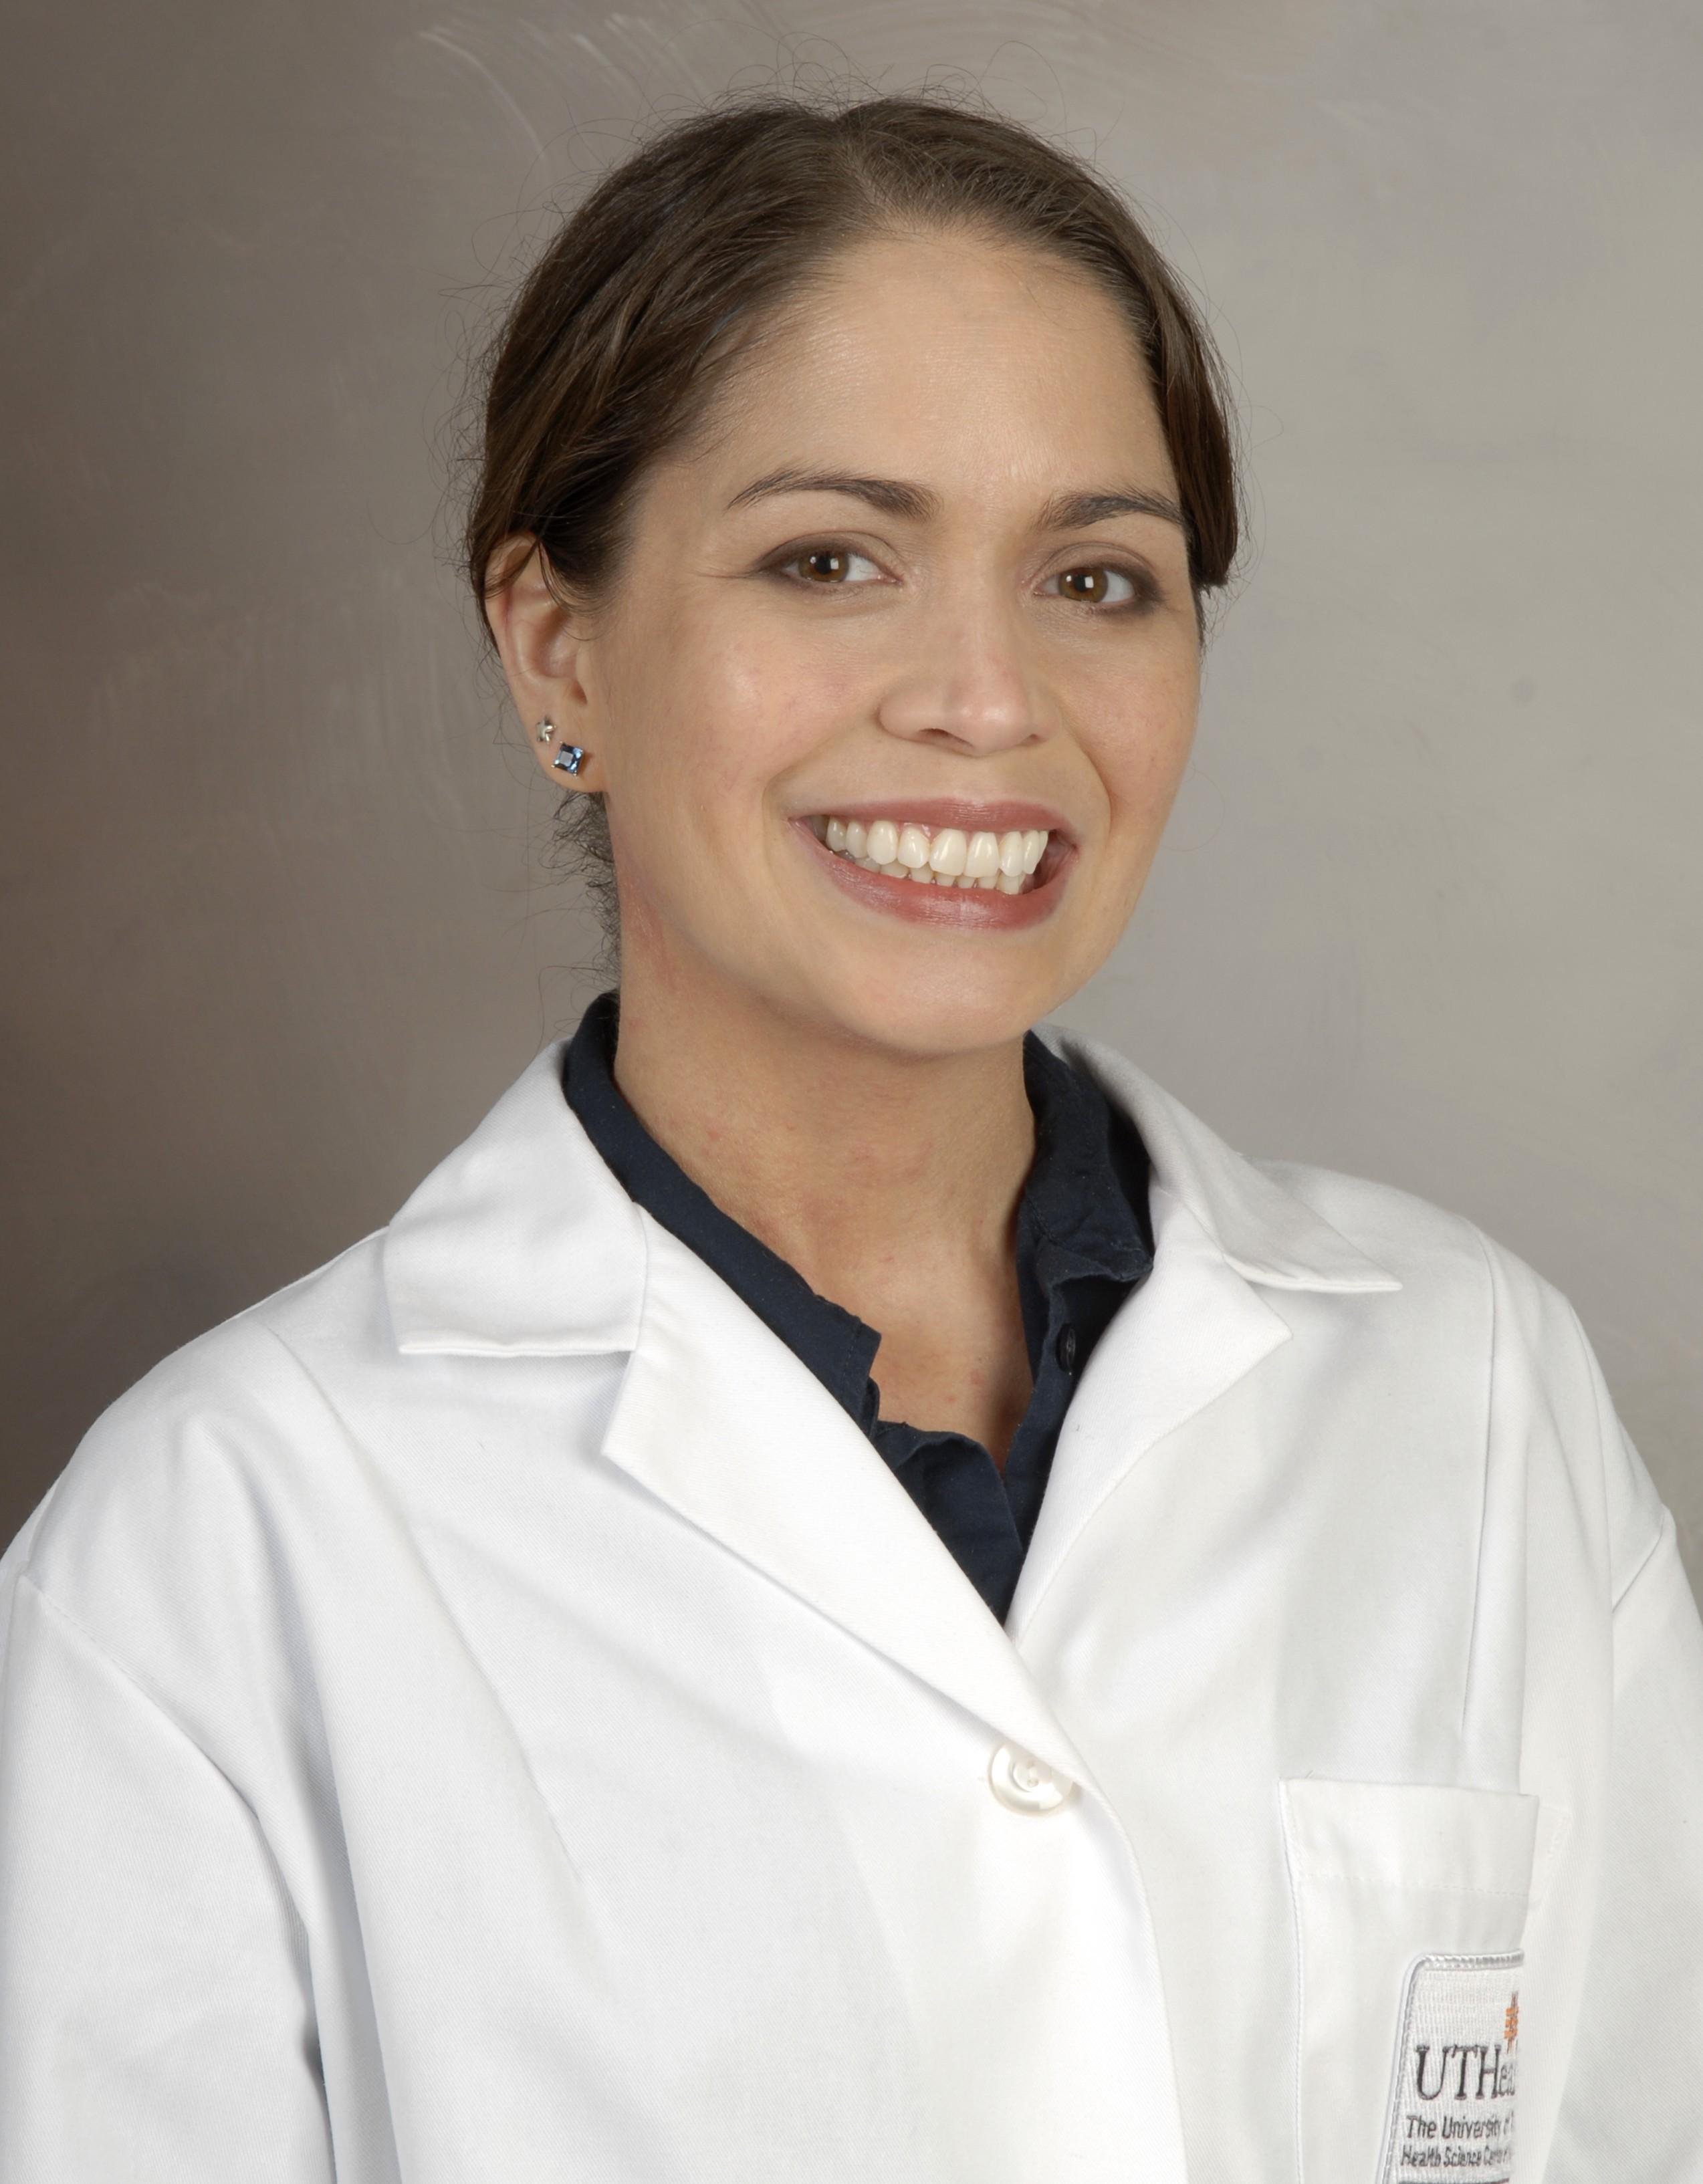 Amanda Jagolino, MD